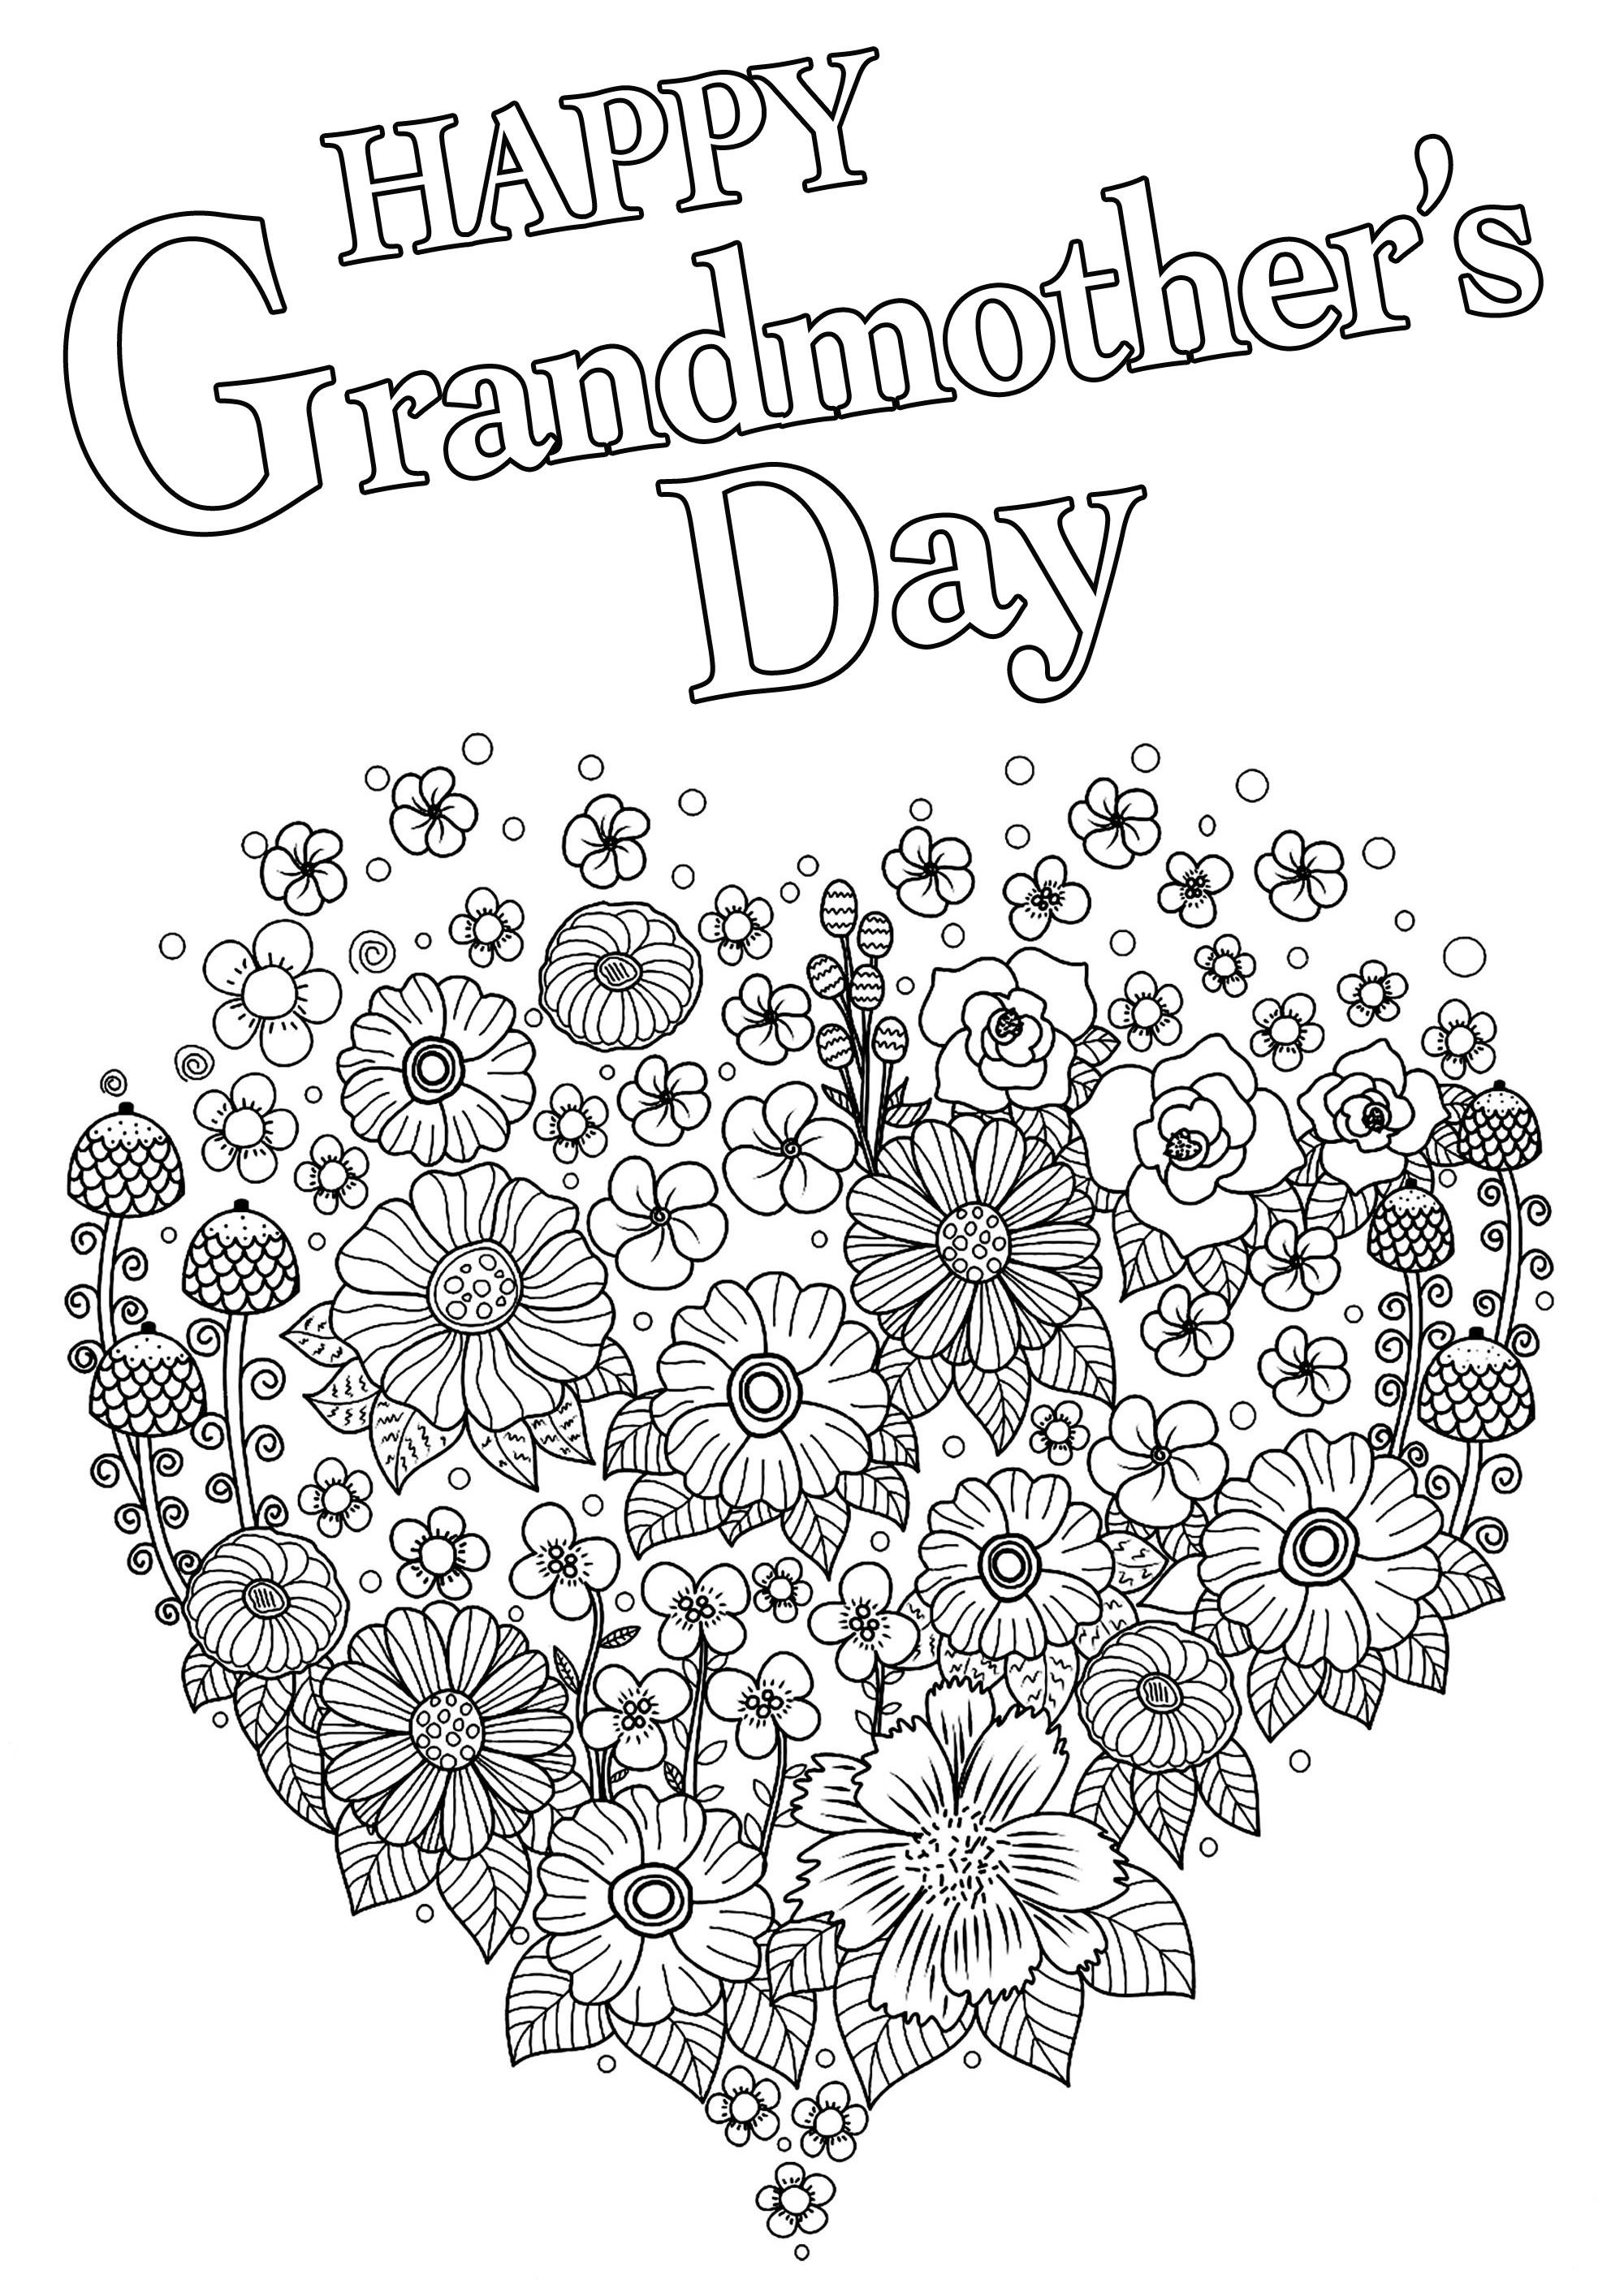 Disegni da Colorare per Adulti : Giorno Di Nonni - 1